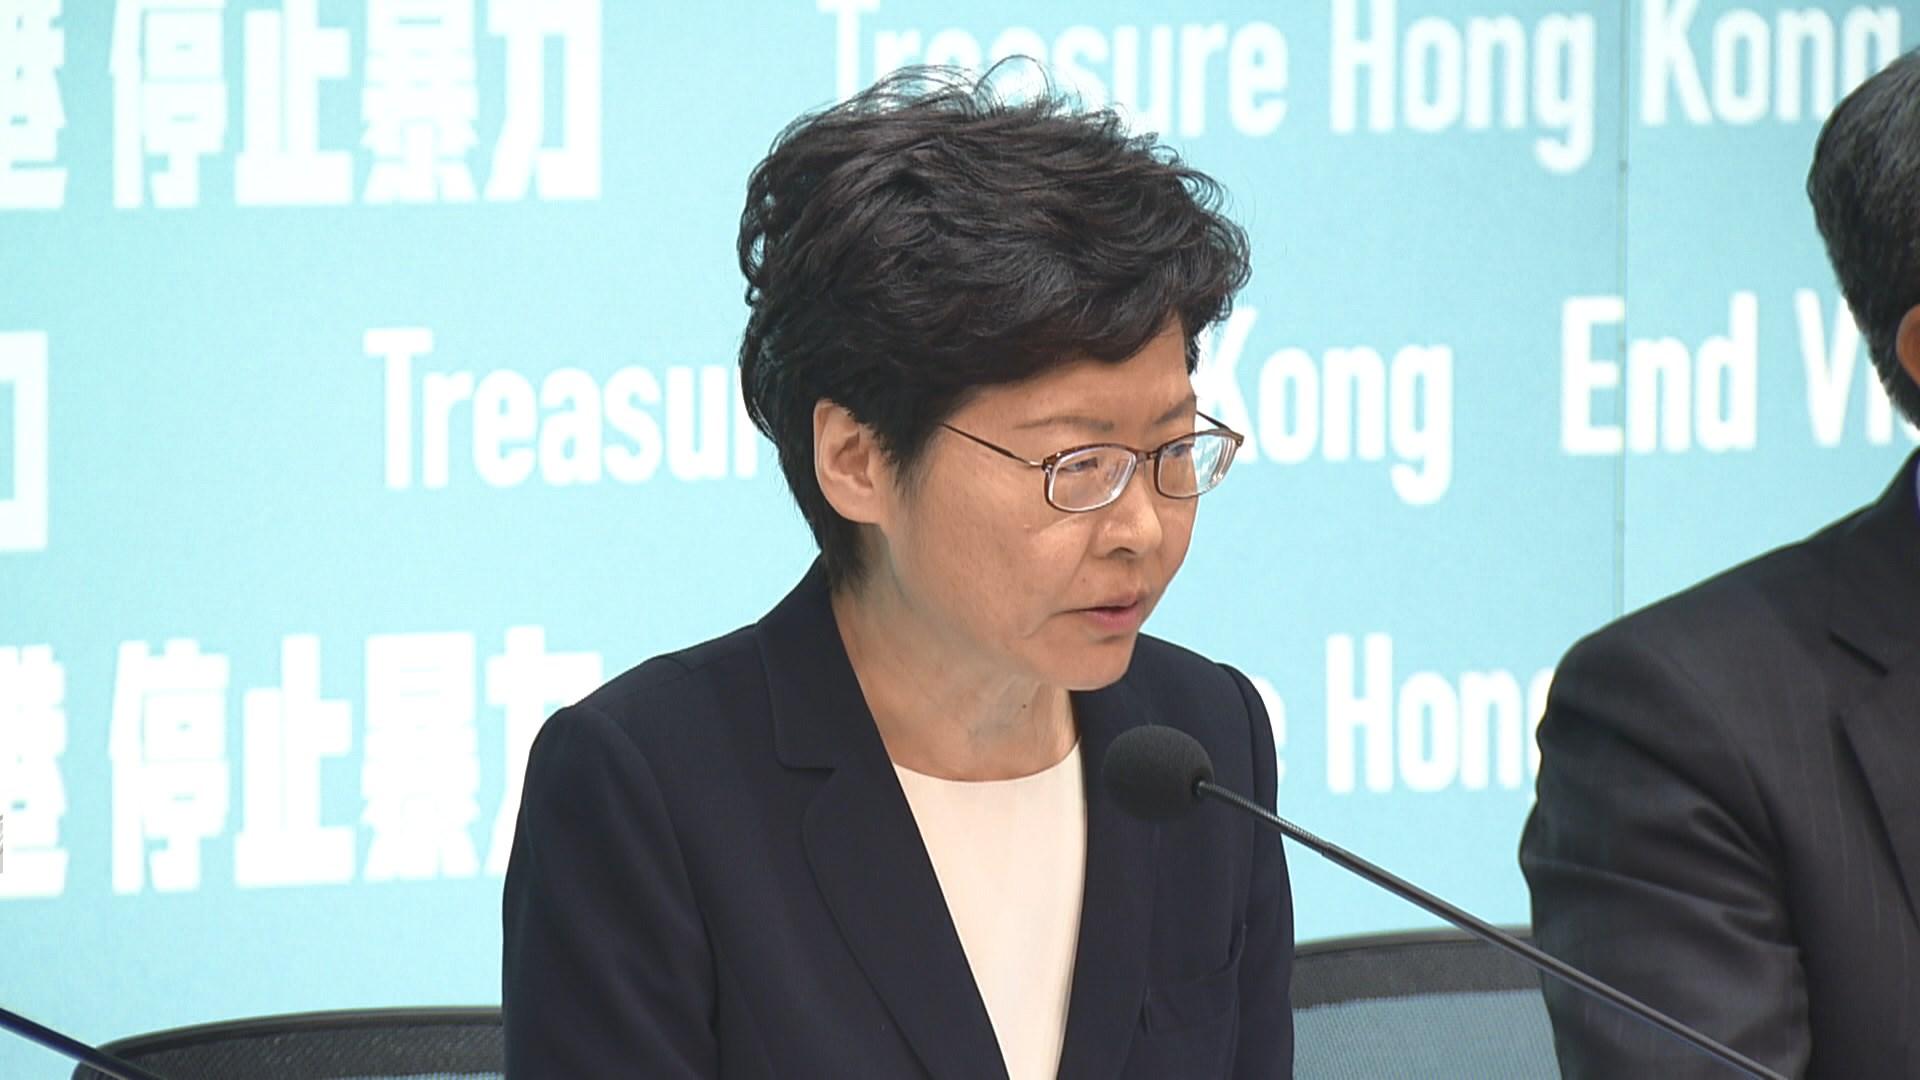 林鄭鄧以海對關員殉職表示悲痛